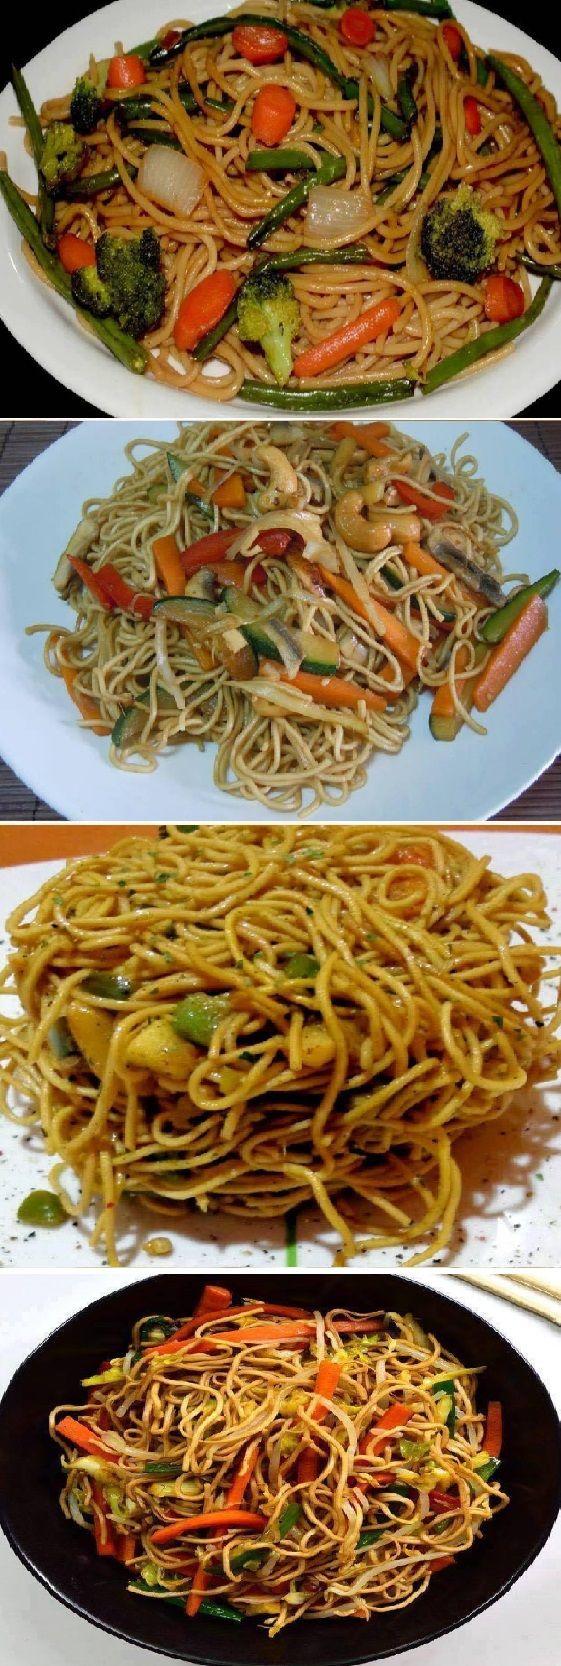 Después De Que Aprendí A Hacer Los Mejores Espaguetis Chinos Vegetarianos Del Mundo La Cena Aquí De Casa Cambió Receitas Soberanas Espagueti Chino Comida Recetas Chinas